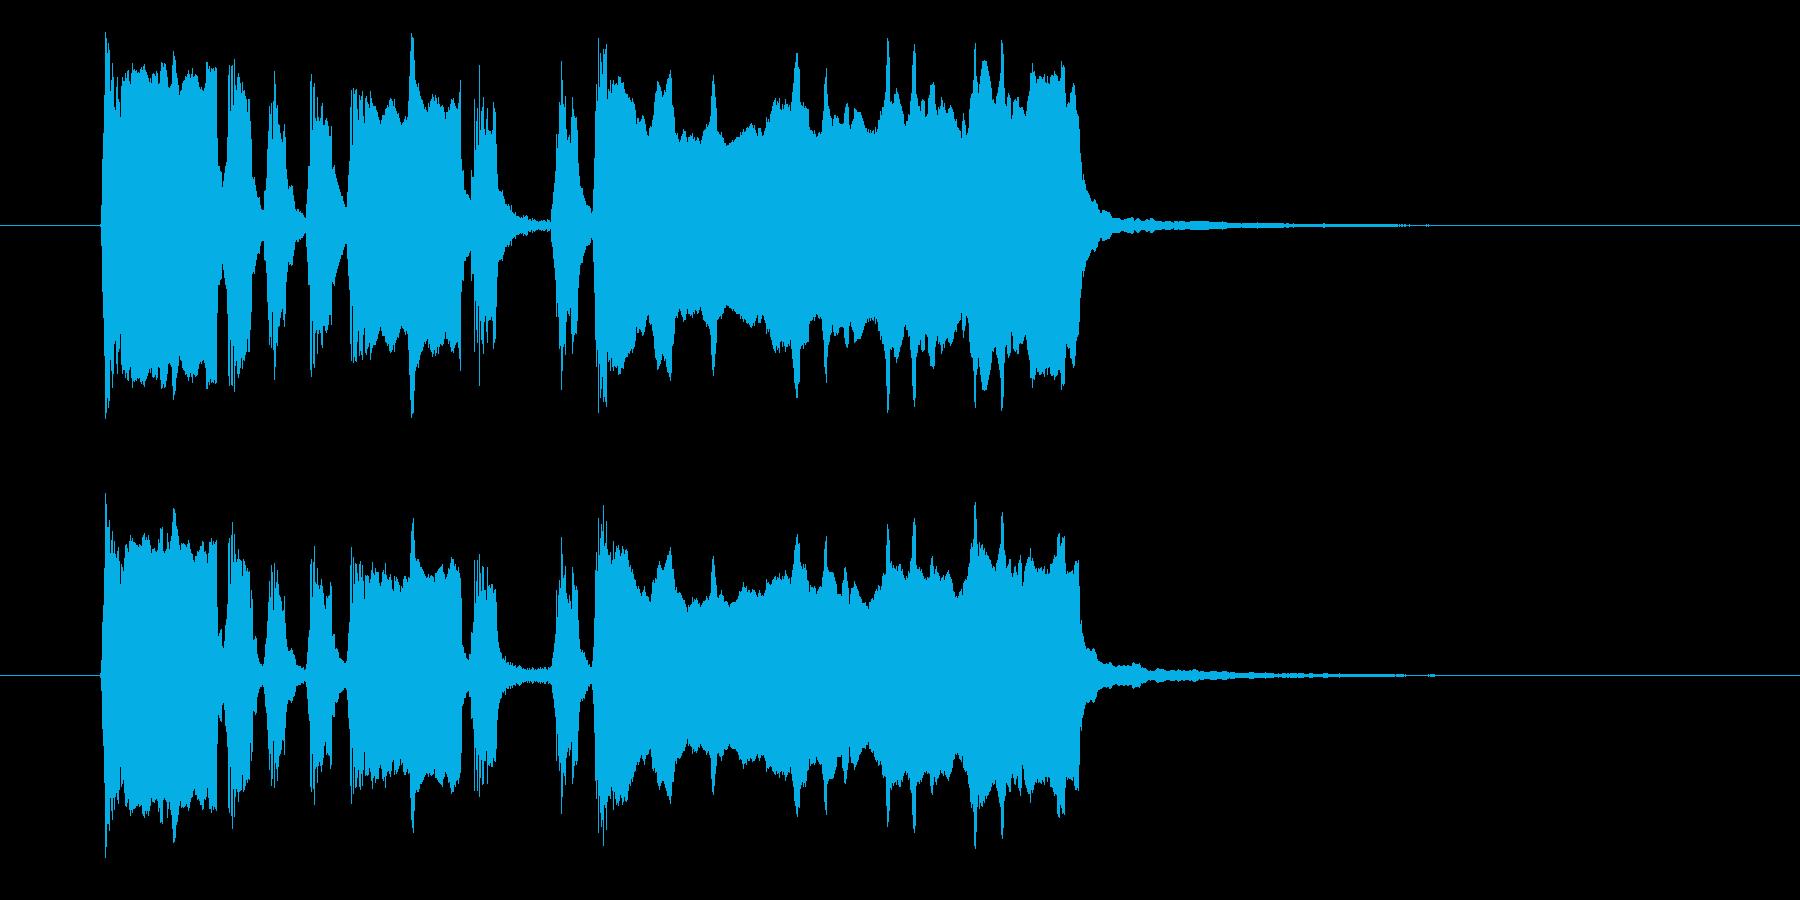 ファンファーレ(ラッパ、中音域)の再生済みの波形